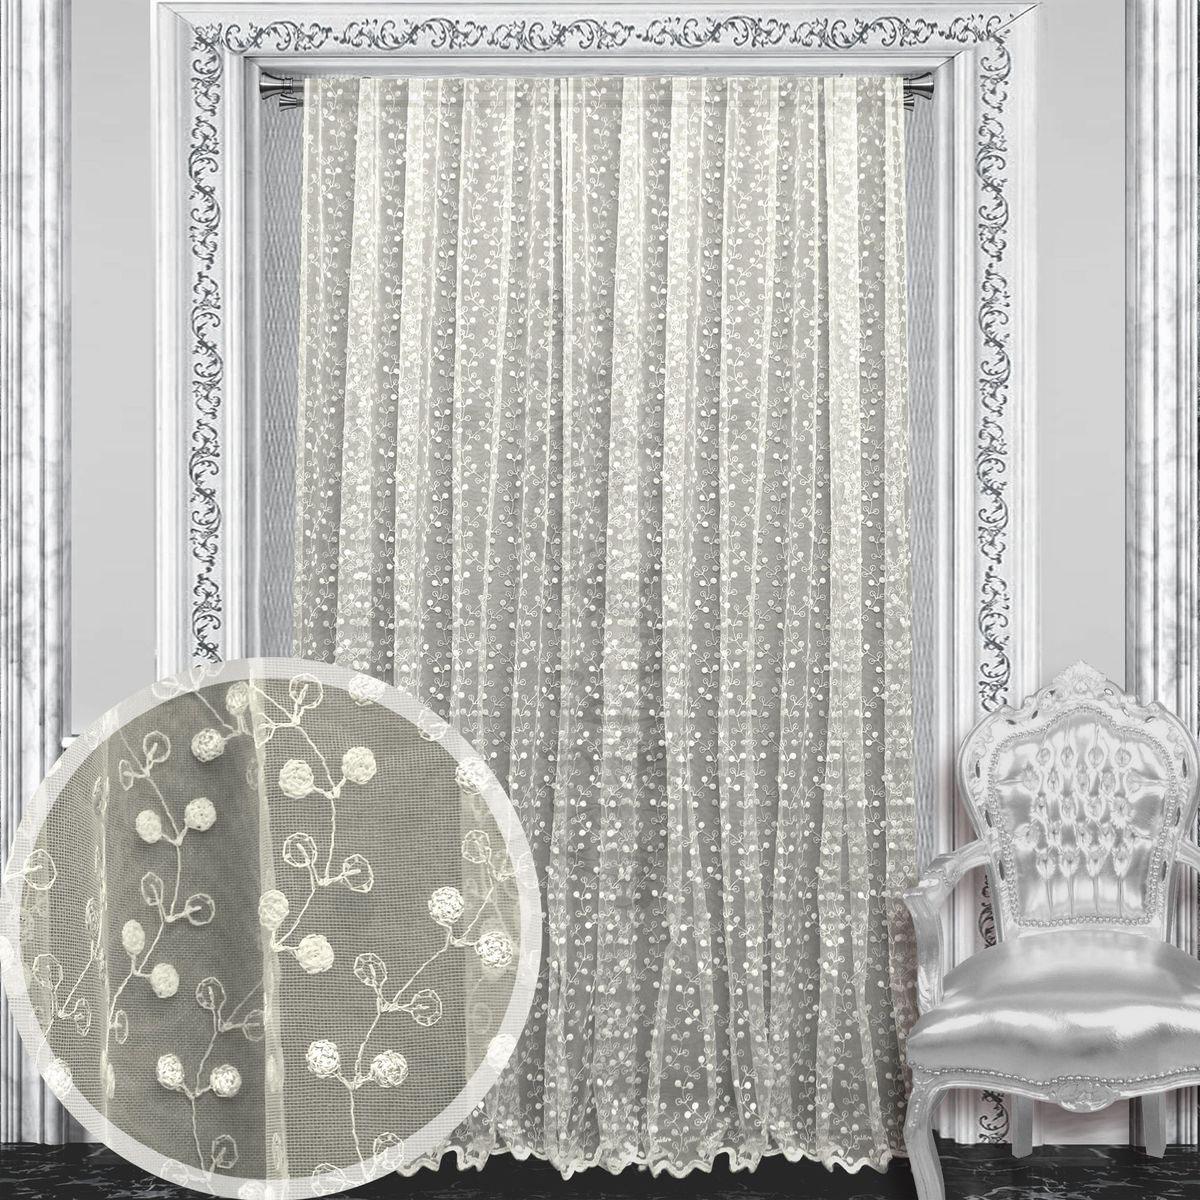 Тюль Amore Mio, на ленте, цвет: шампань, высота 270 см. 8611186111Тюль Amore Mio изготовлен из 100% полиэстера. Воздушная ткань привлечет к себе внимание и идеально оформит интерьер любого помещения. Полиэстер - вид ткани, состоящий из полиэфирных волокон. Ткани из полиэстера легкие, прочные и износостойкие. Такие изделия не требуют специального ухода, не пылятся и почти не мнутся.Крепление к карнизу осуществляется при помощи вшитой шторной ленты.